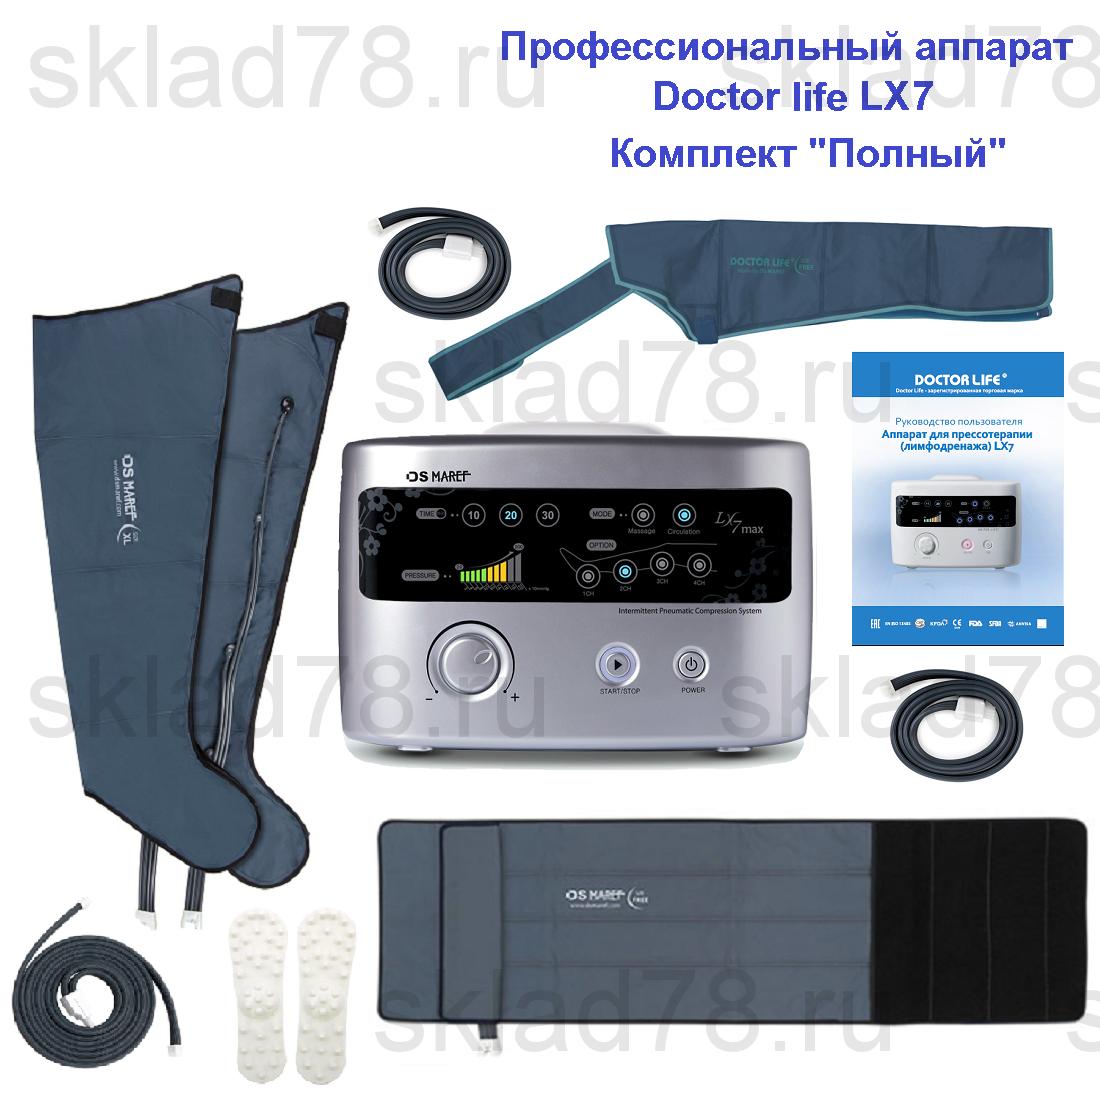 Doctor Life LX-7 лимфодренажный аппарат «Полный» комплект